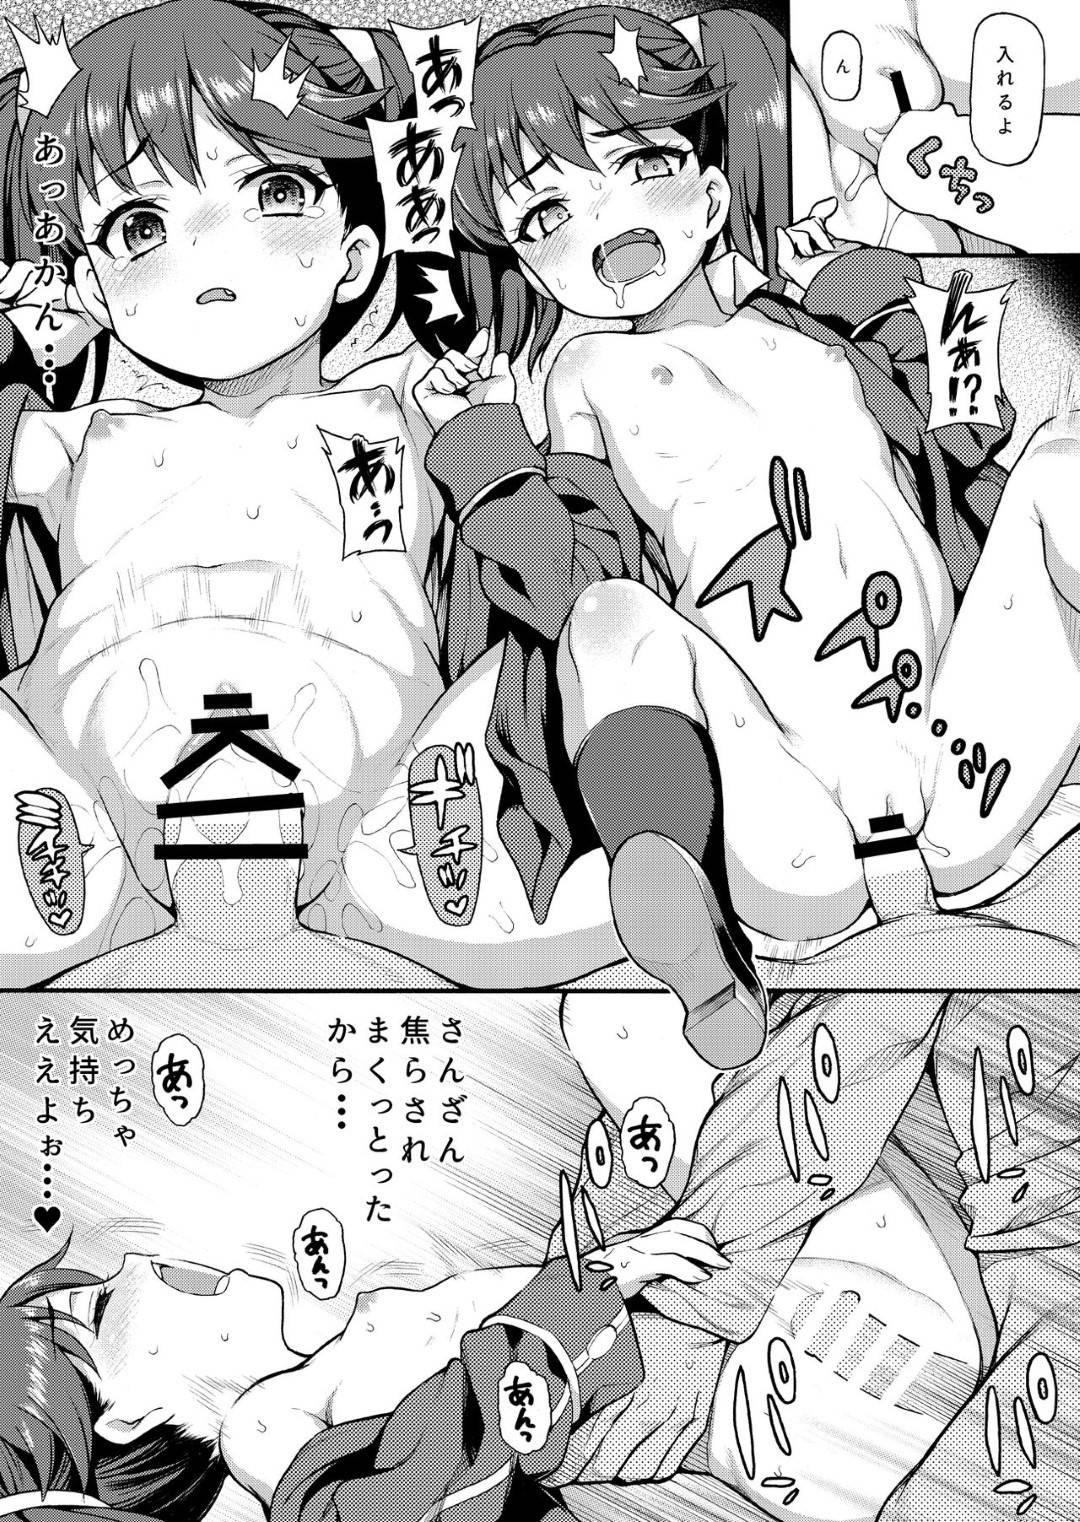 【エロ漫画】【エロ漫画】司令官に用意された沢山のコスプレを渋々着ることにした女の子…フェラや足コキで顔射され別のコスプレに着替えさせられるとまた射精され最後は中出しのぶっかけSEX【魚ウサ王:こすこす龍驤】